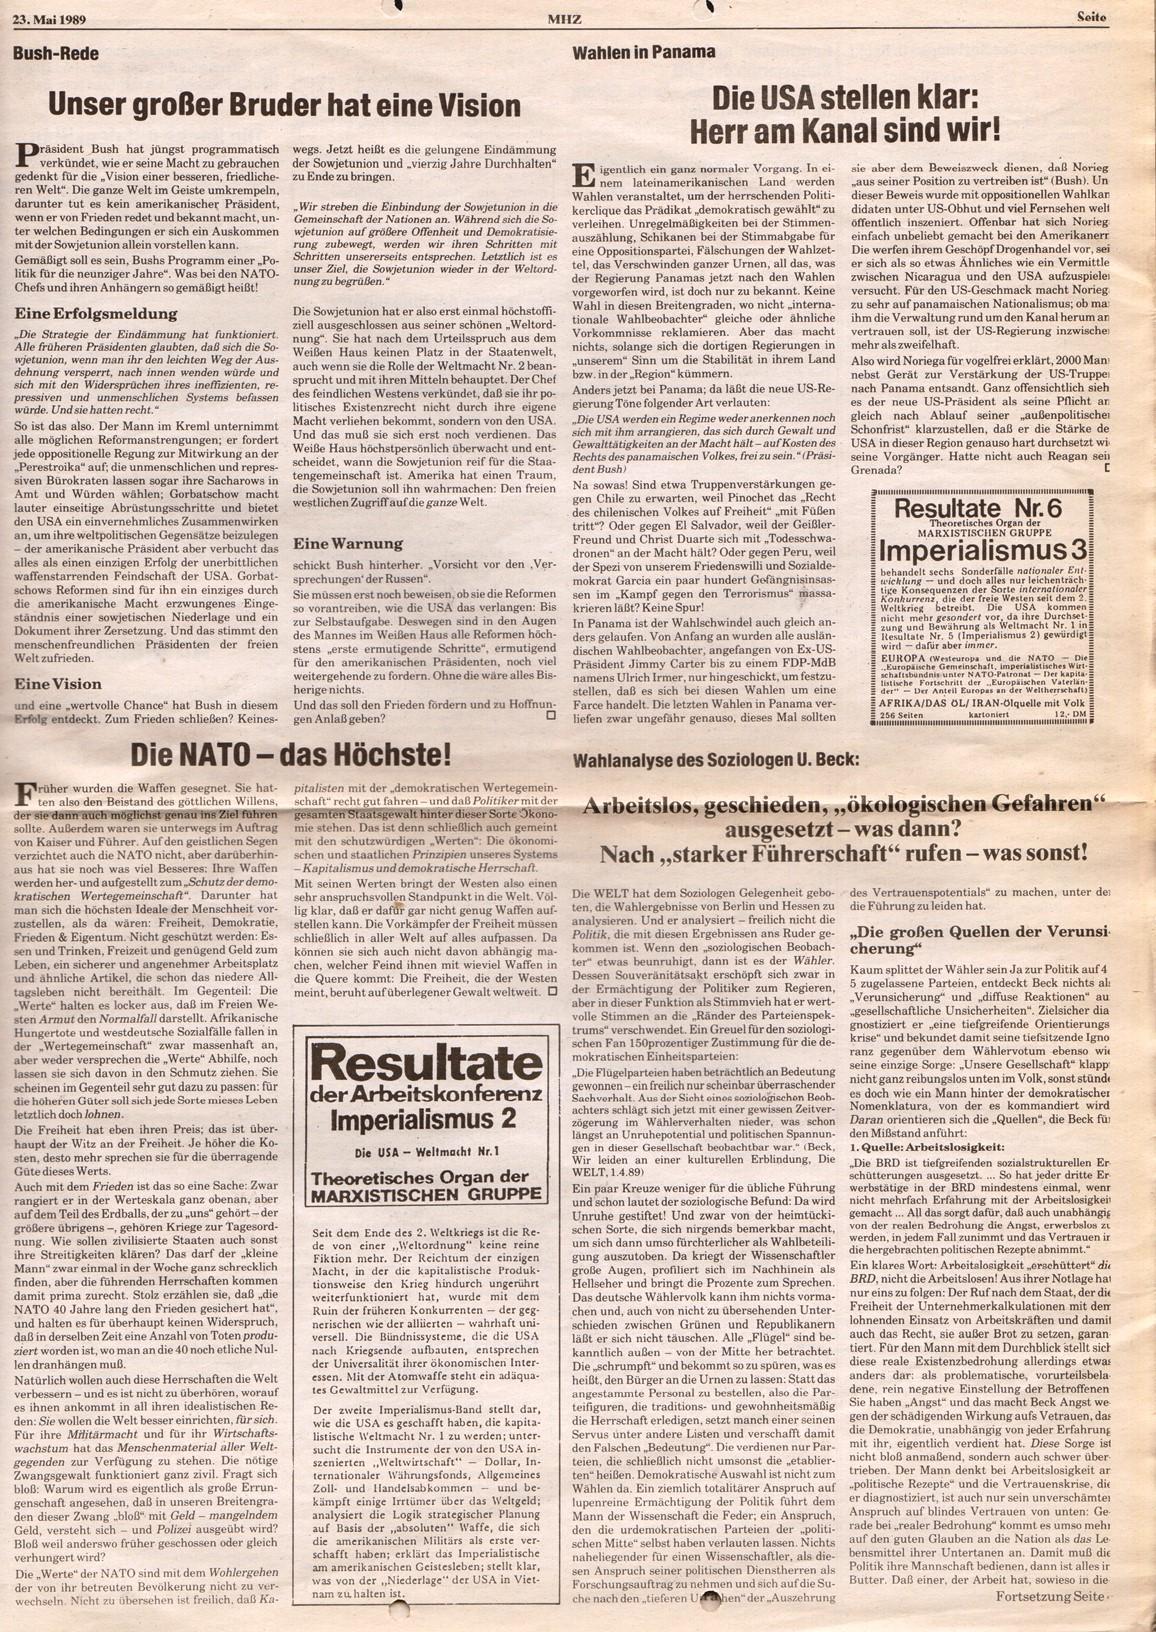 Muenchen_MG_Hochschulzeitung_19890523_03